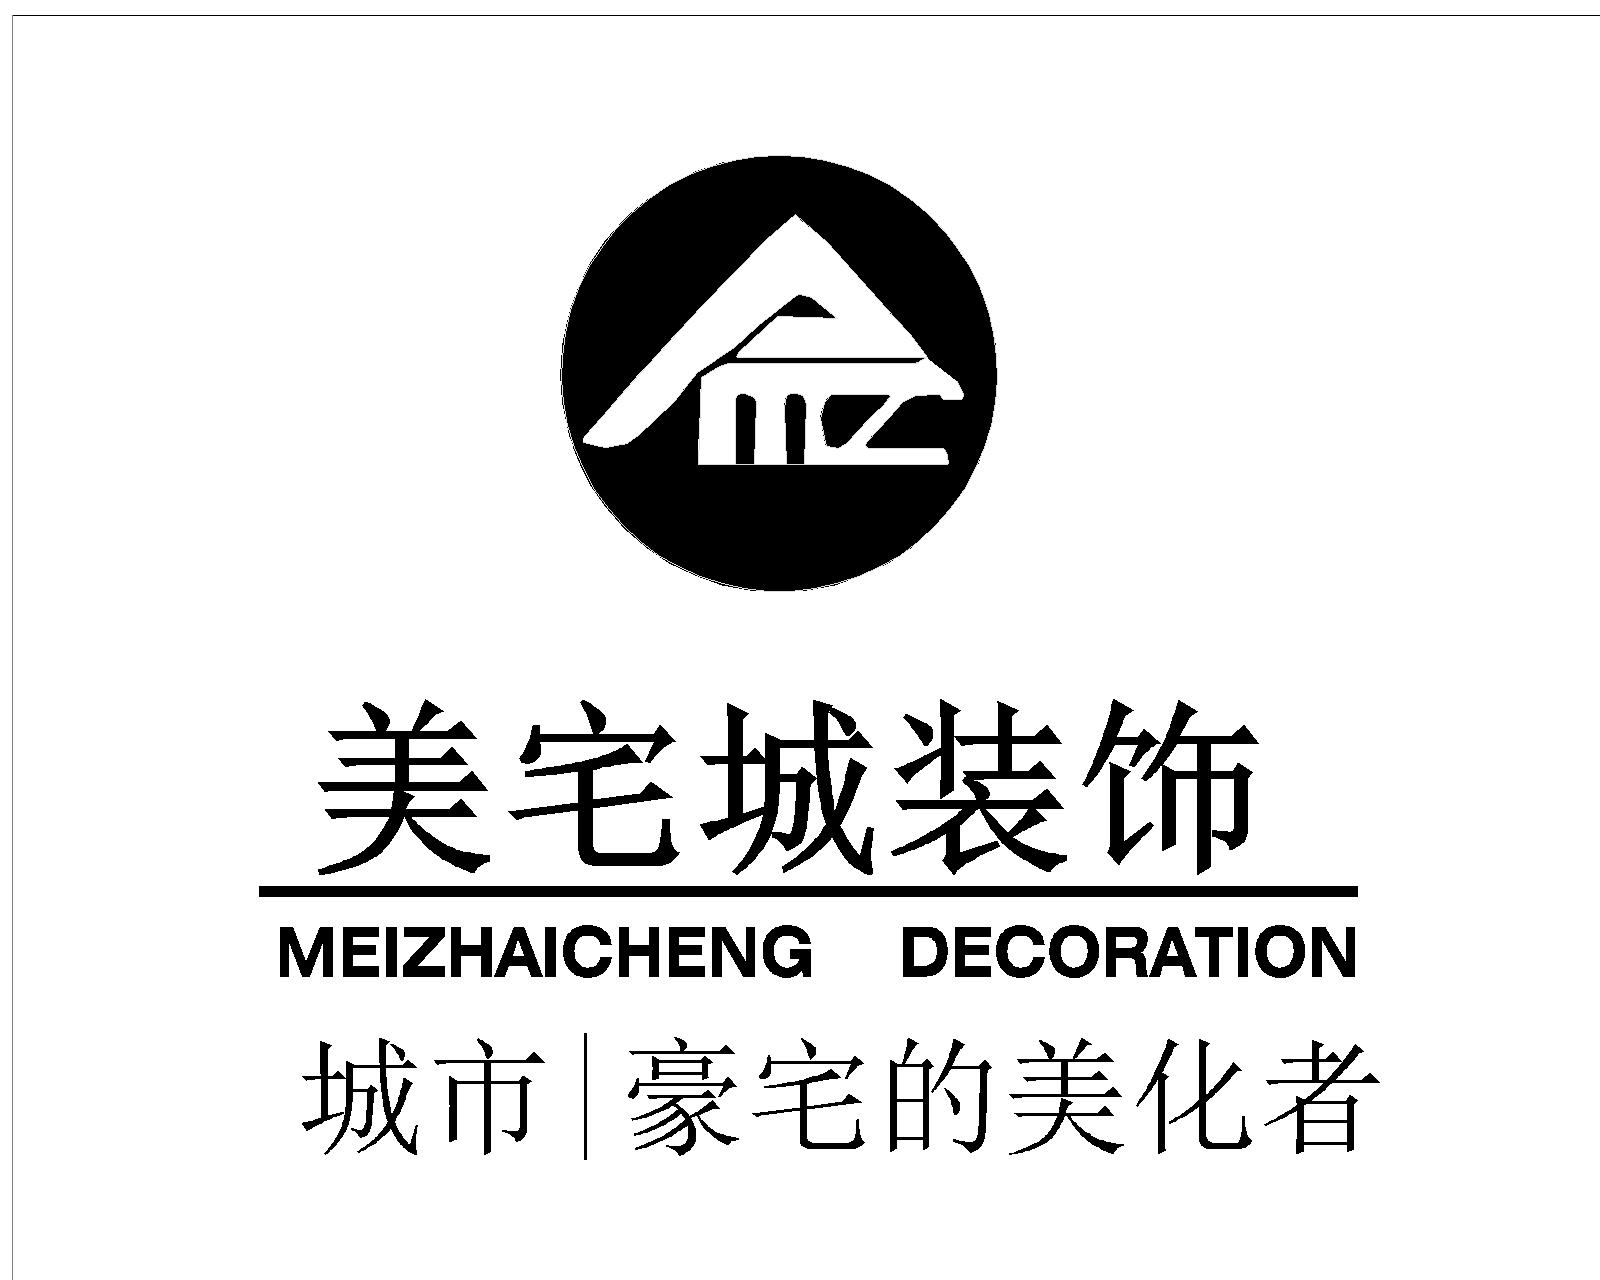 赣州美宅城装饰工程有限公司